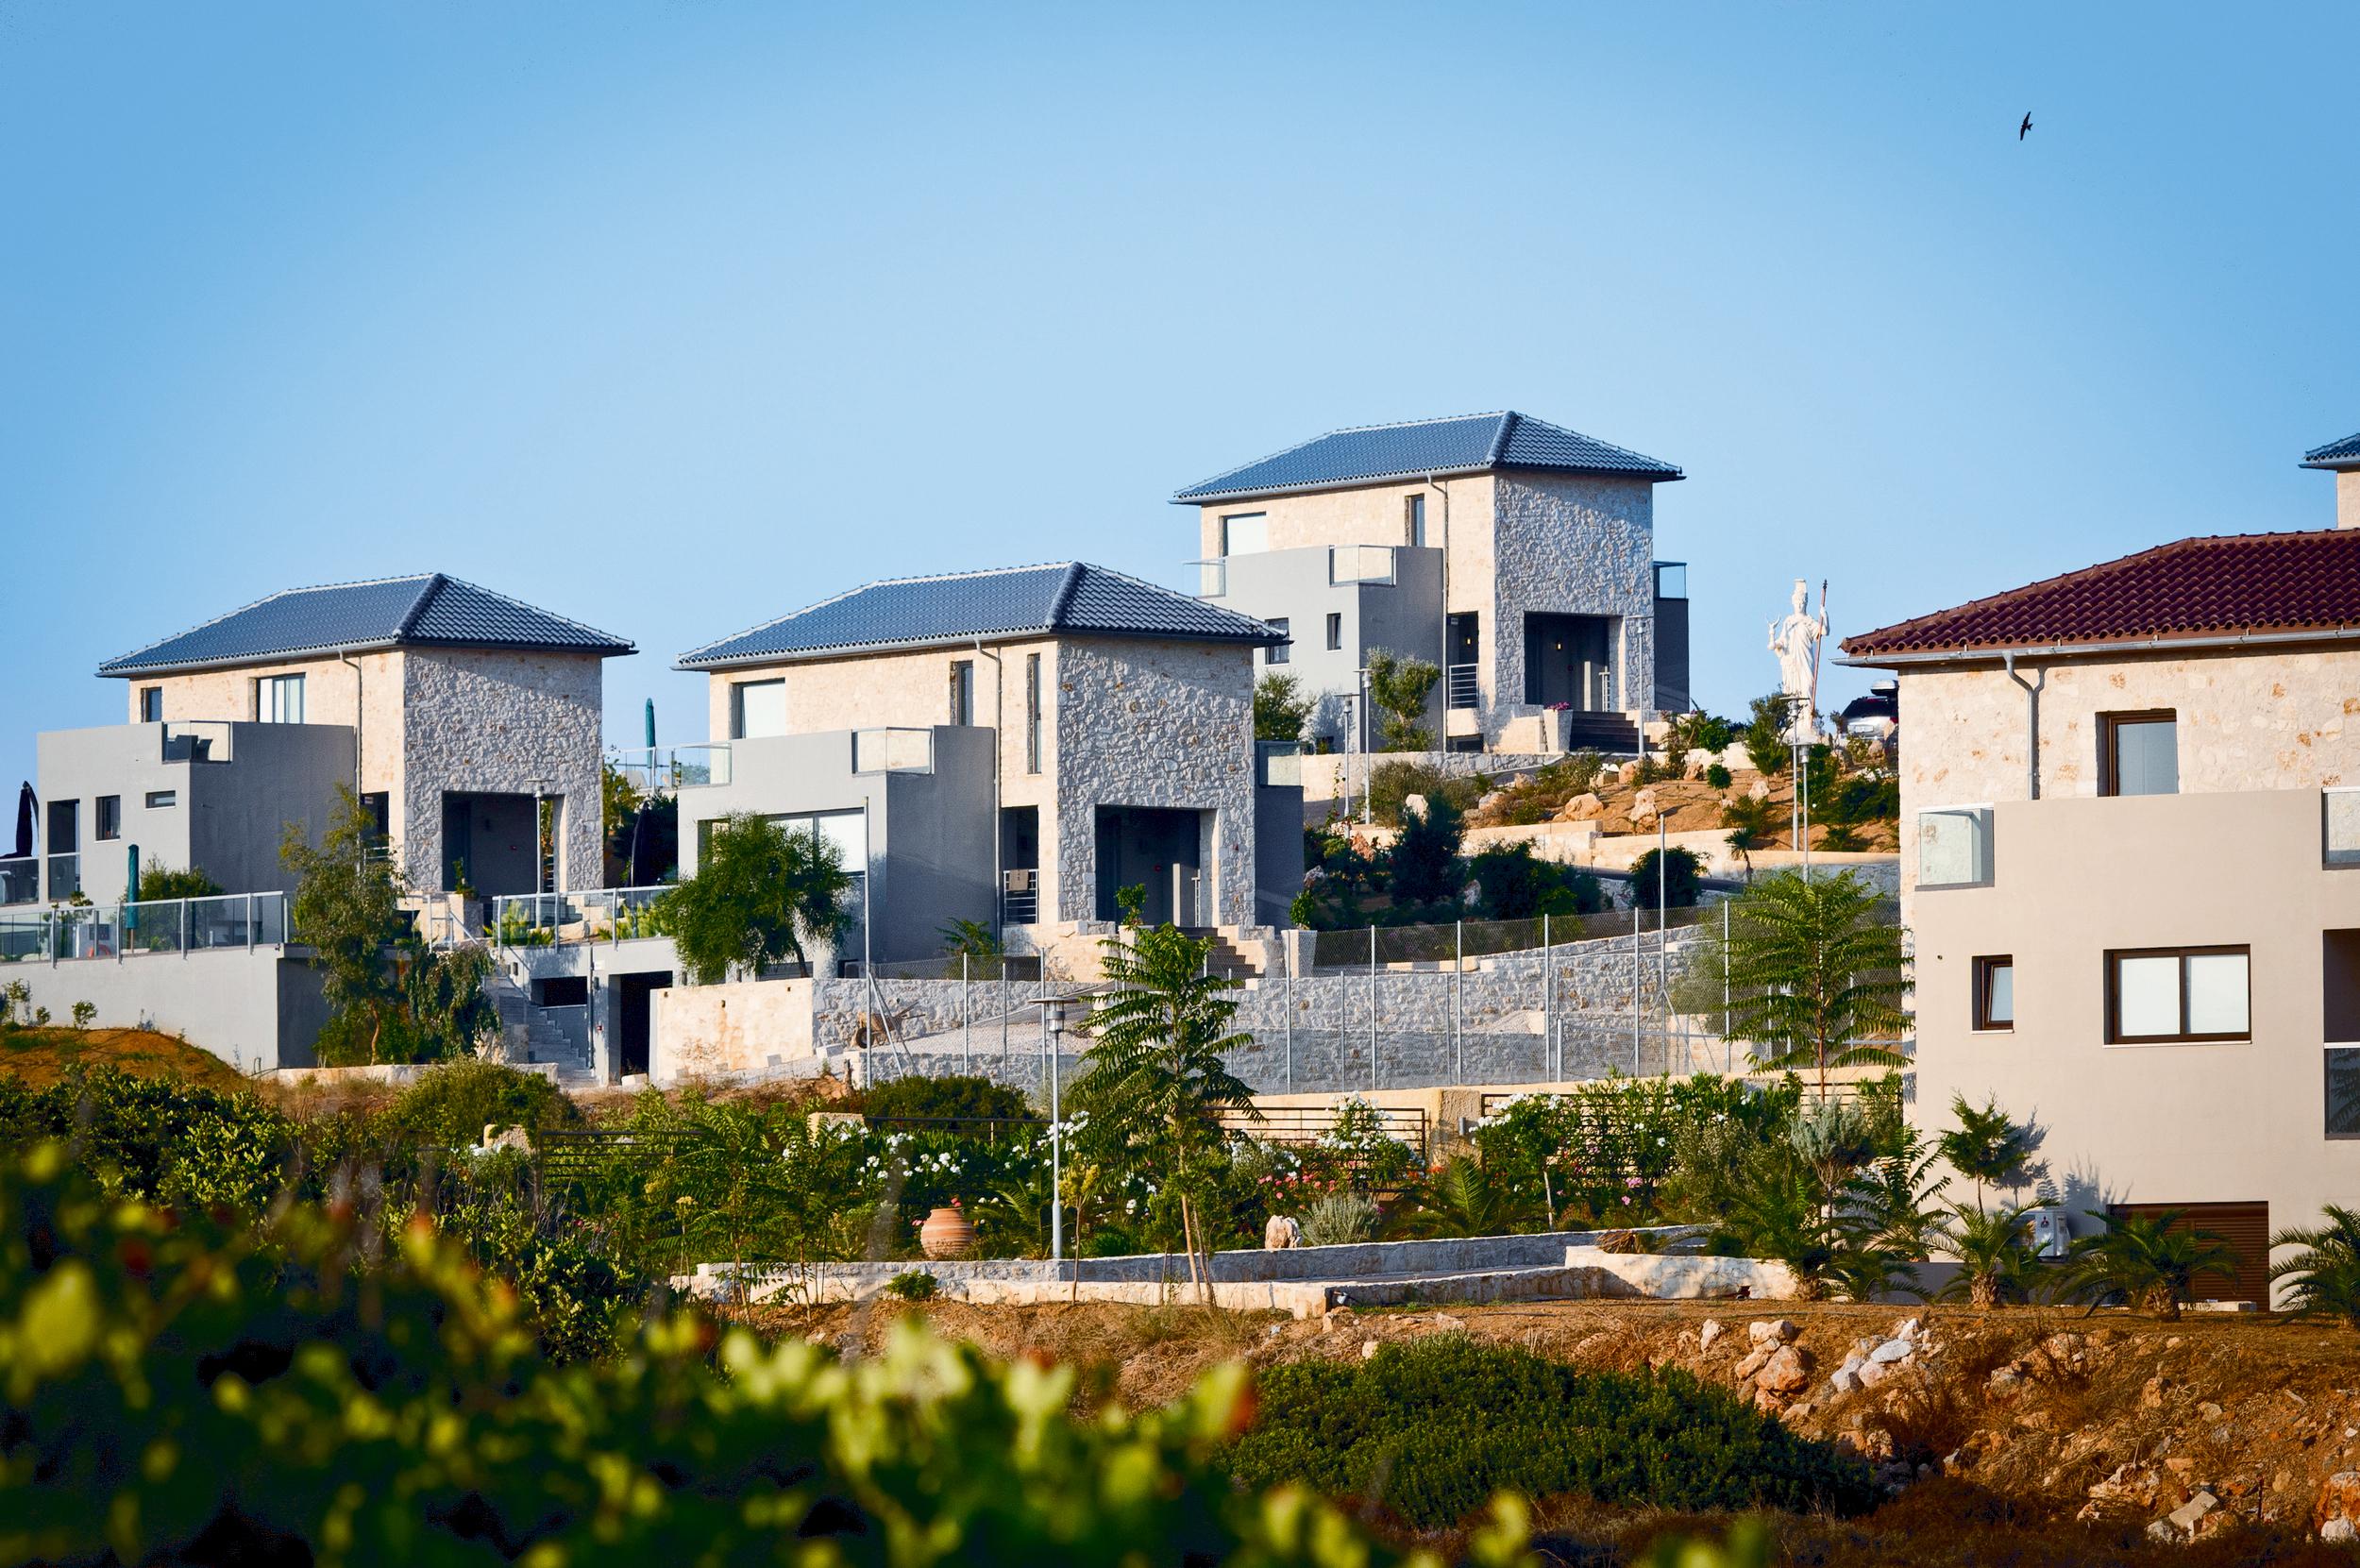 hotel for sale in crete akrotiri property view